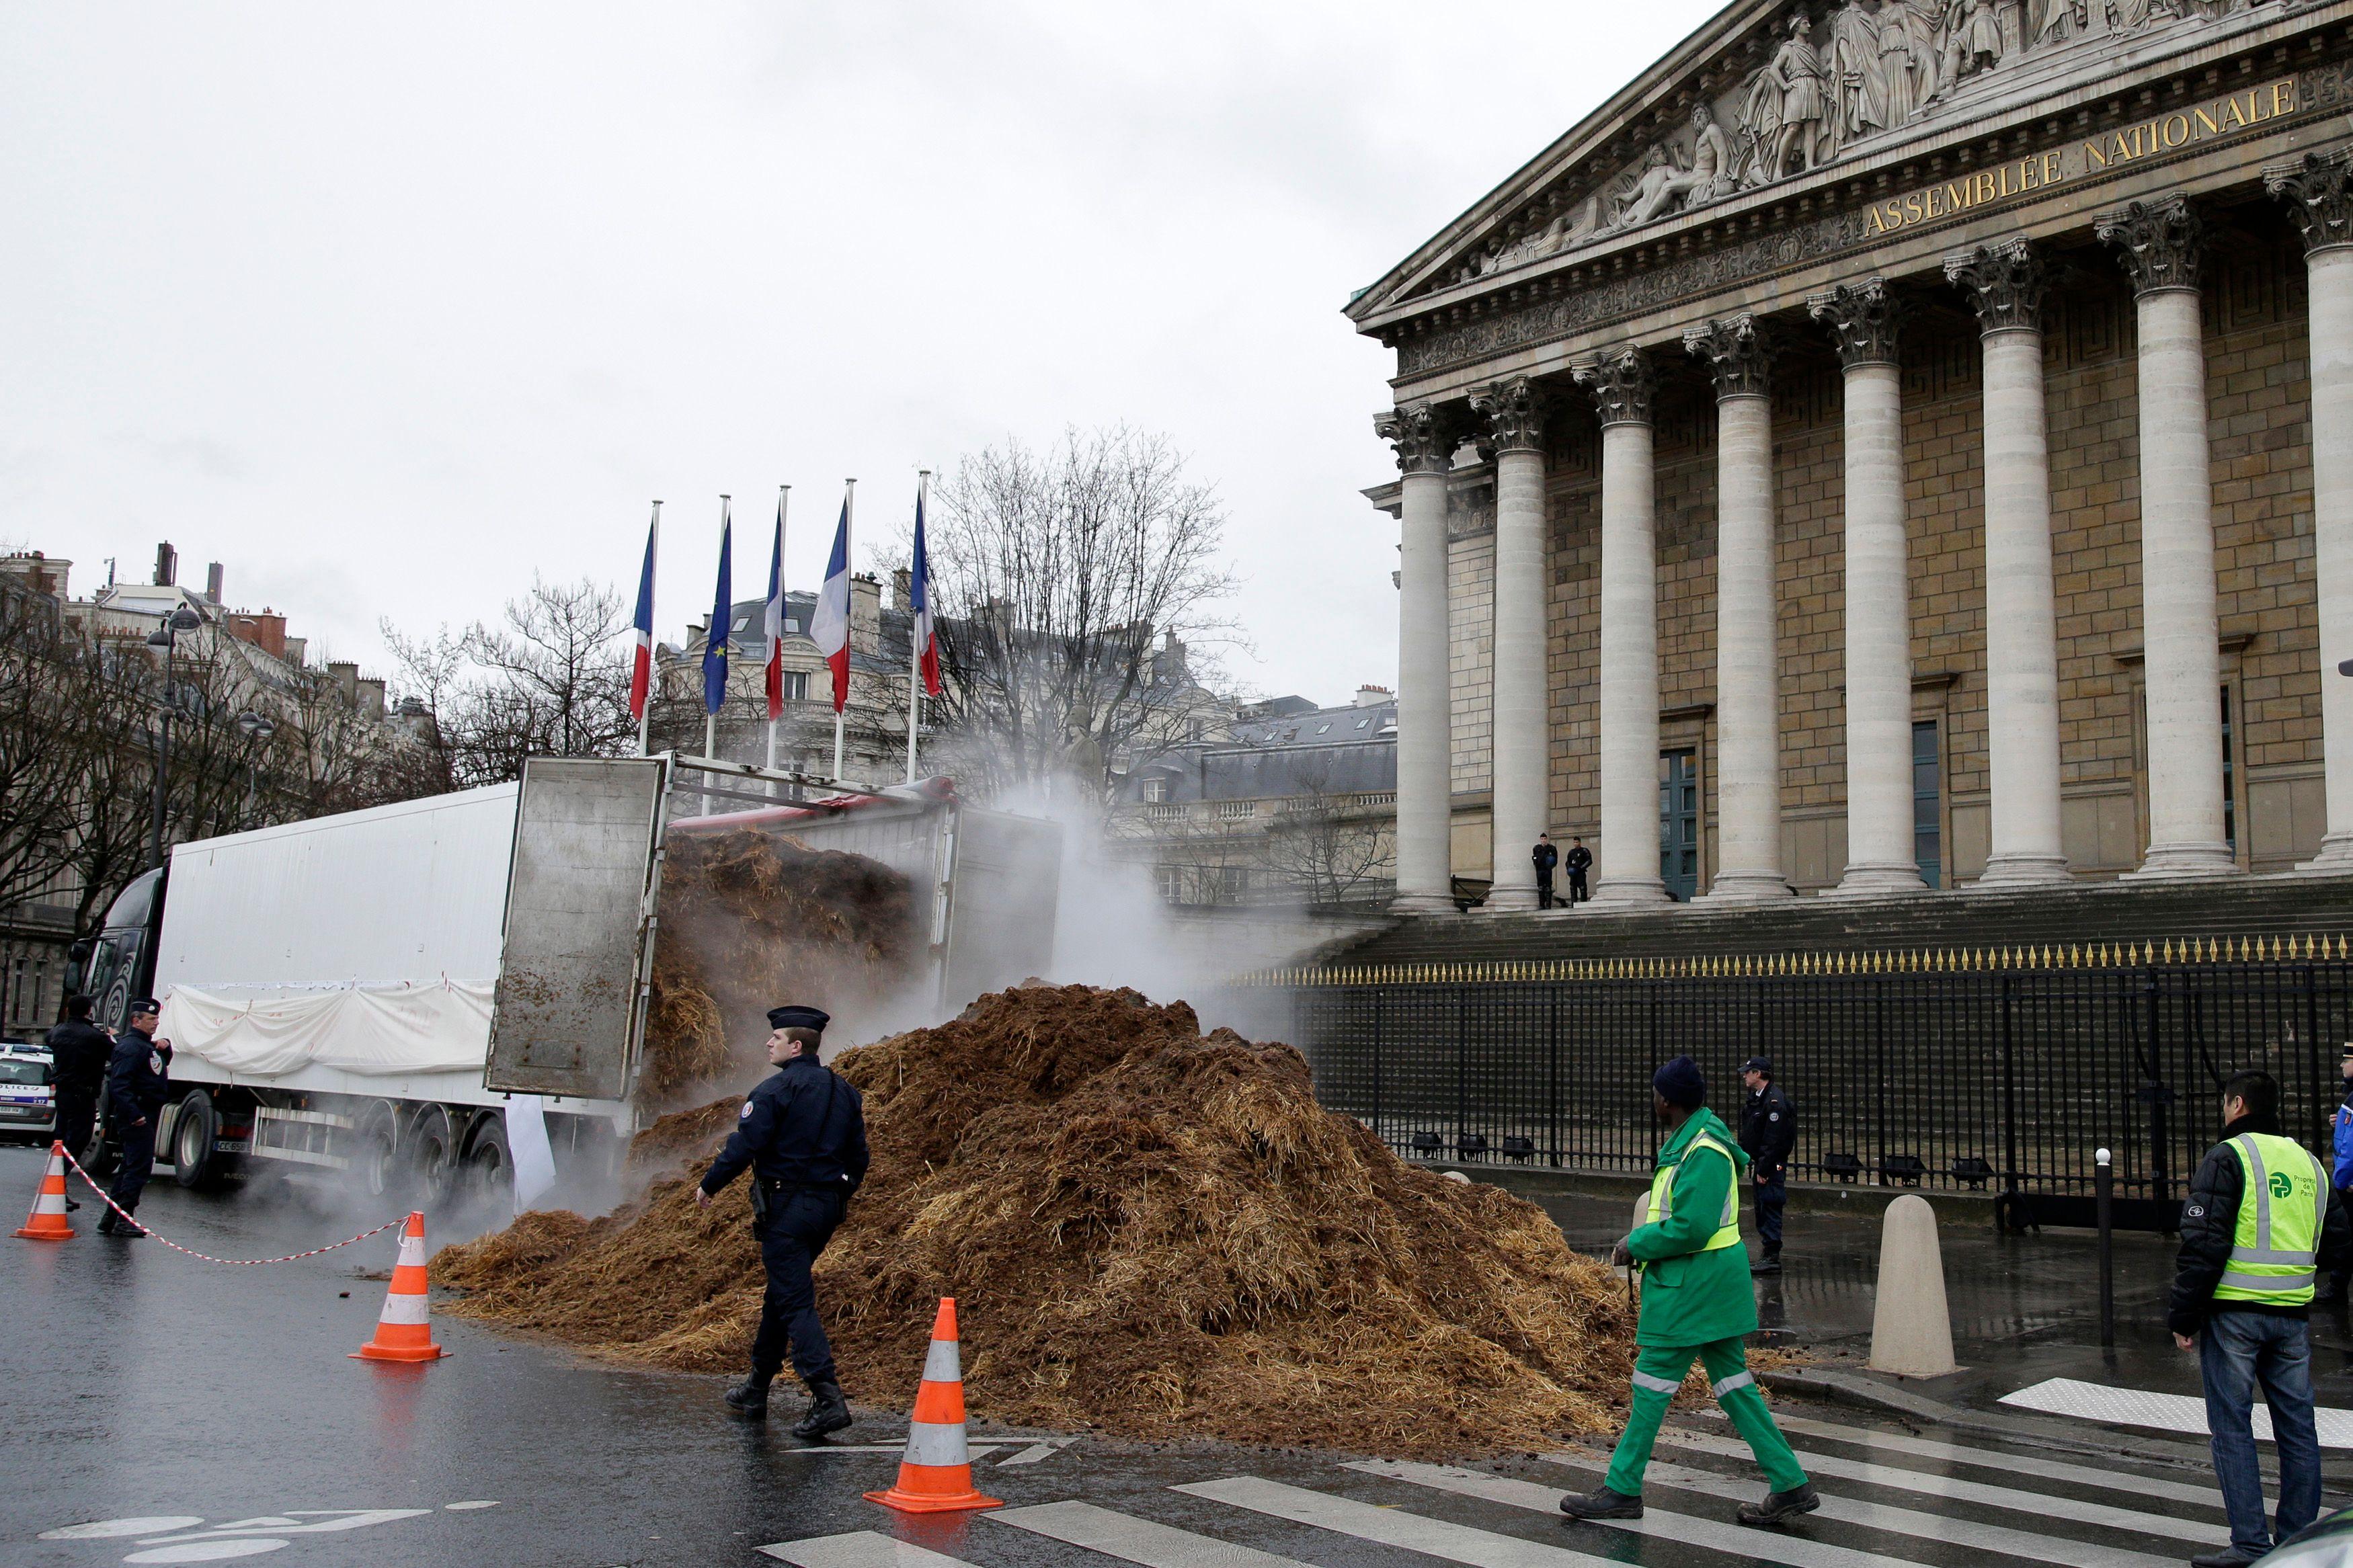 Du fumier a été déversé devant l'Assemblée nationale